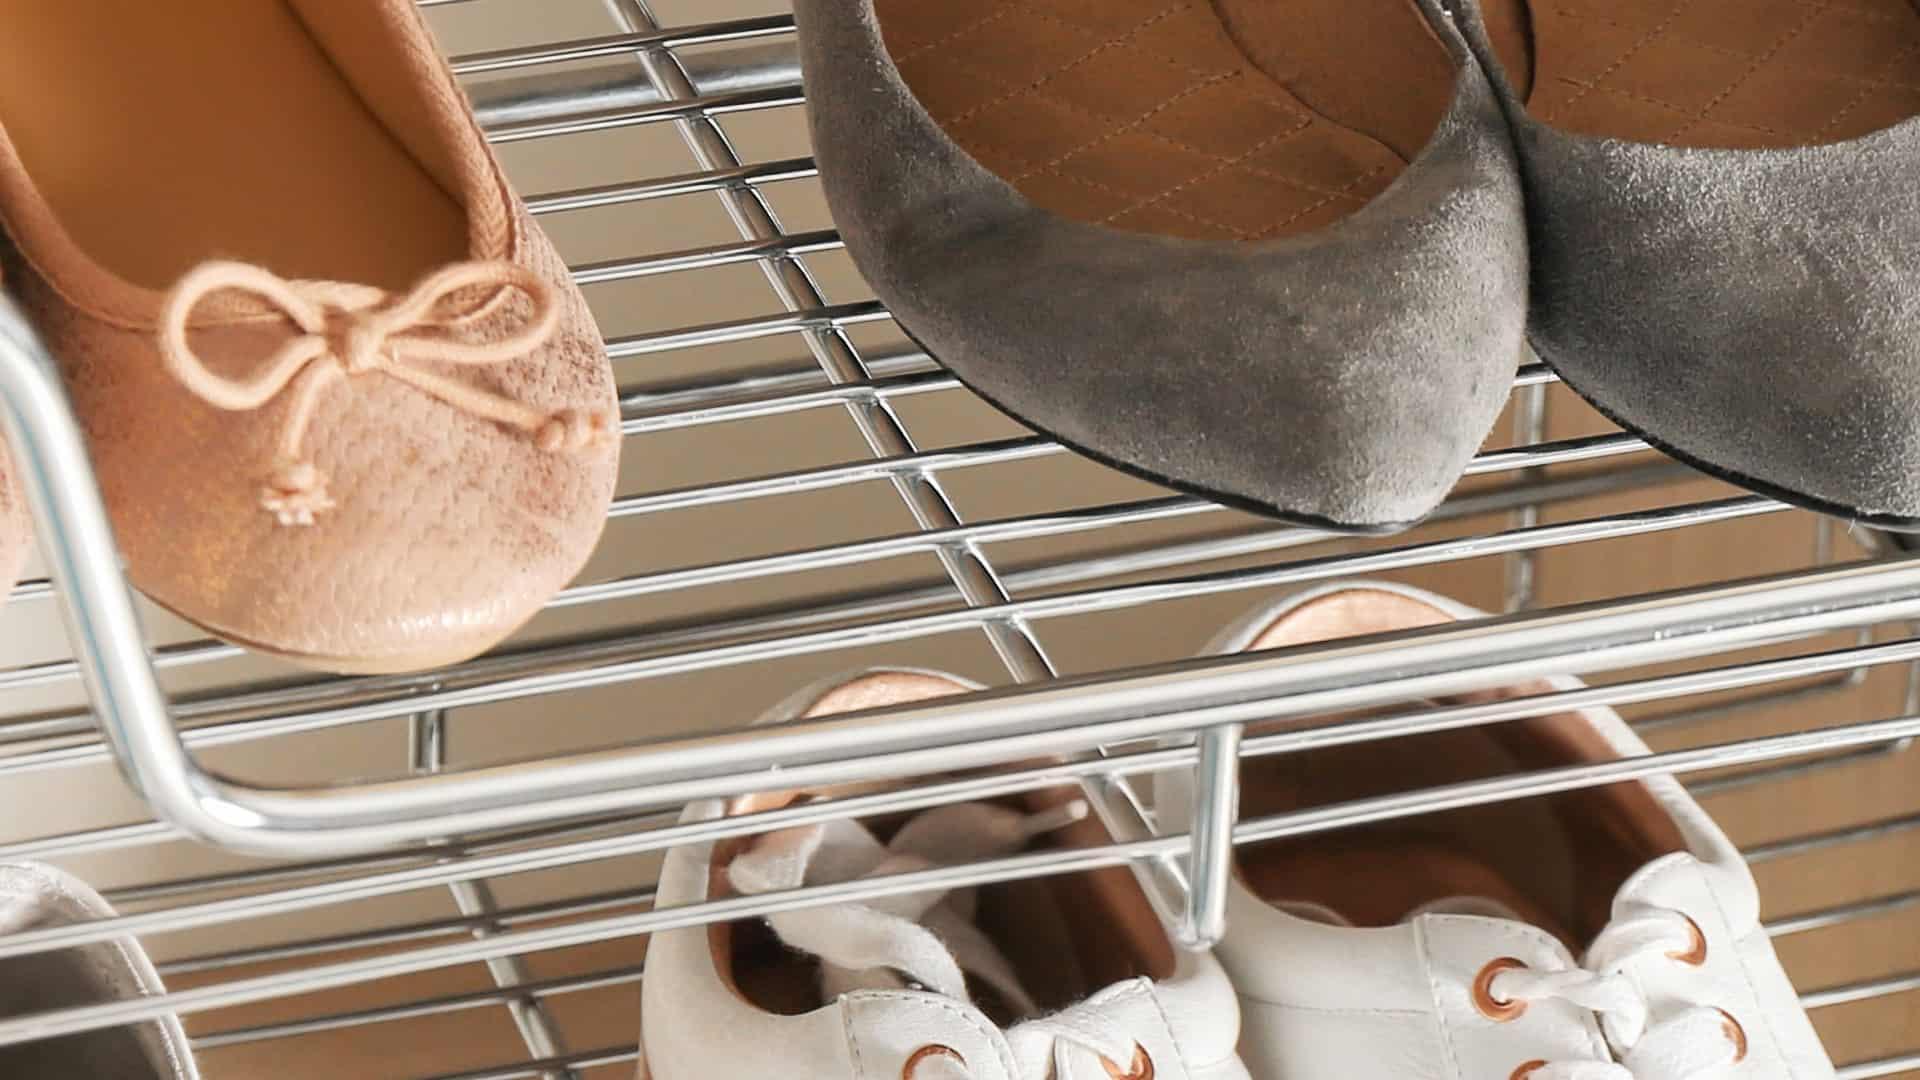 Imagem de sapateira com sapatos.